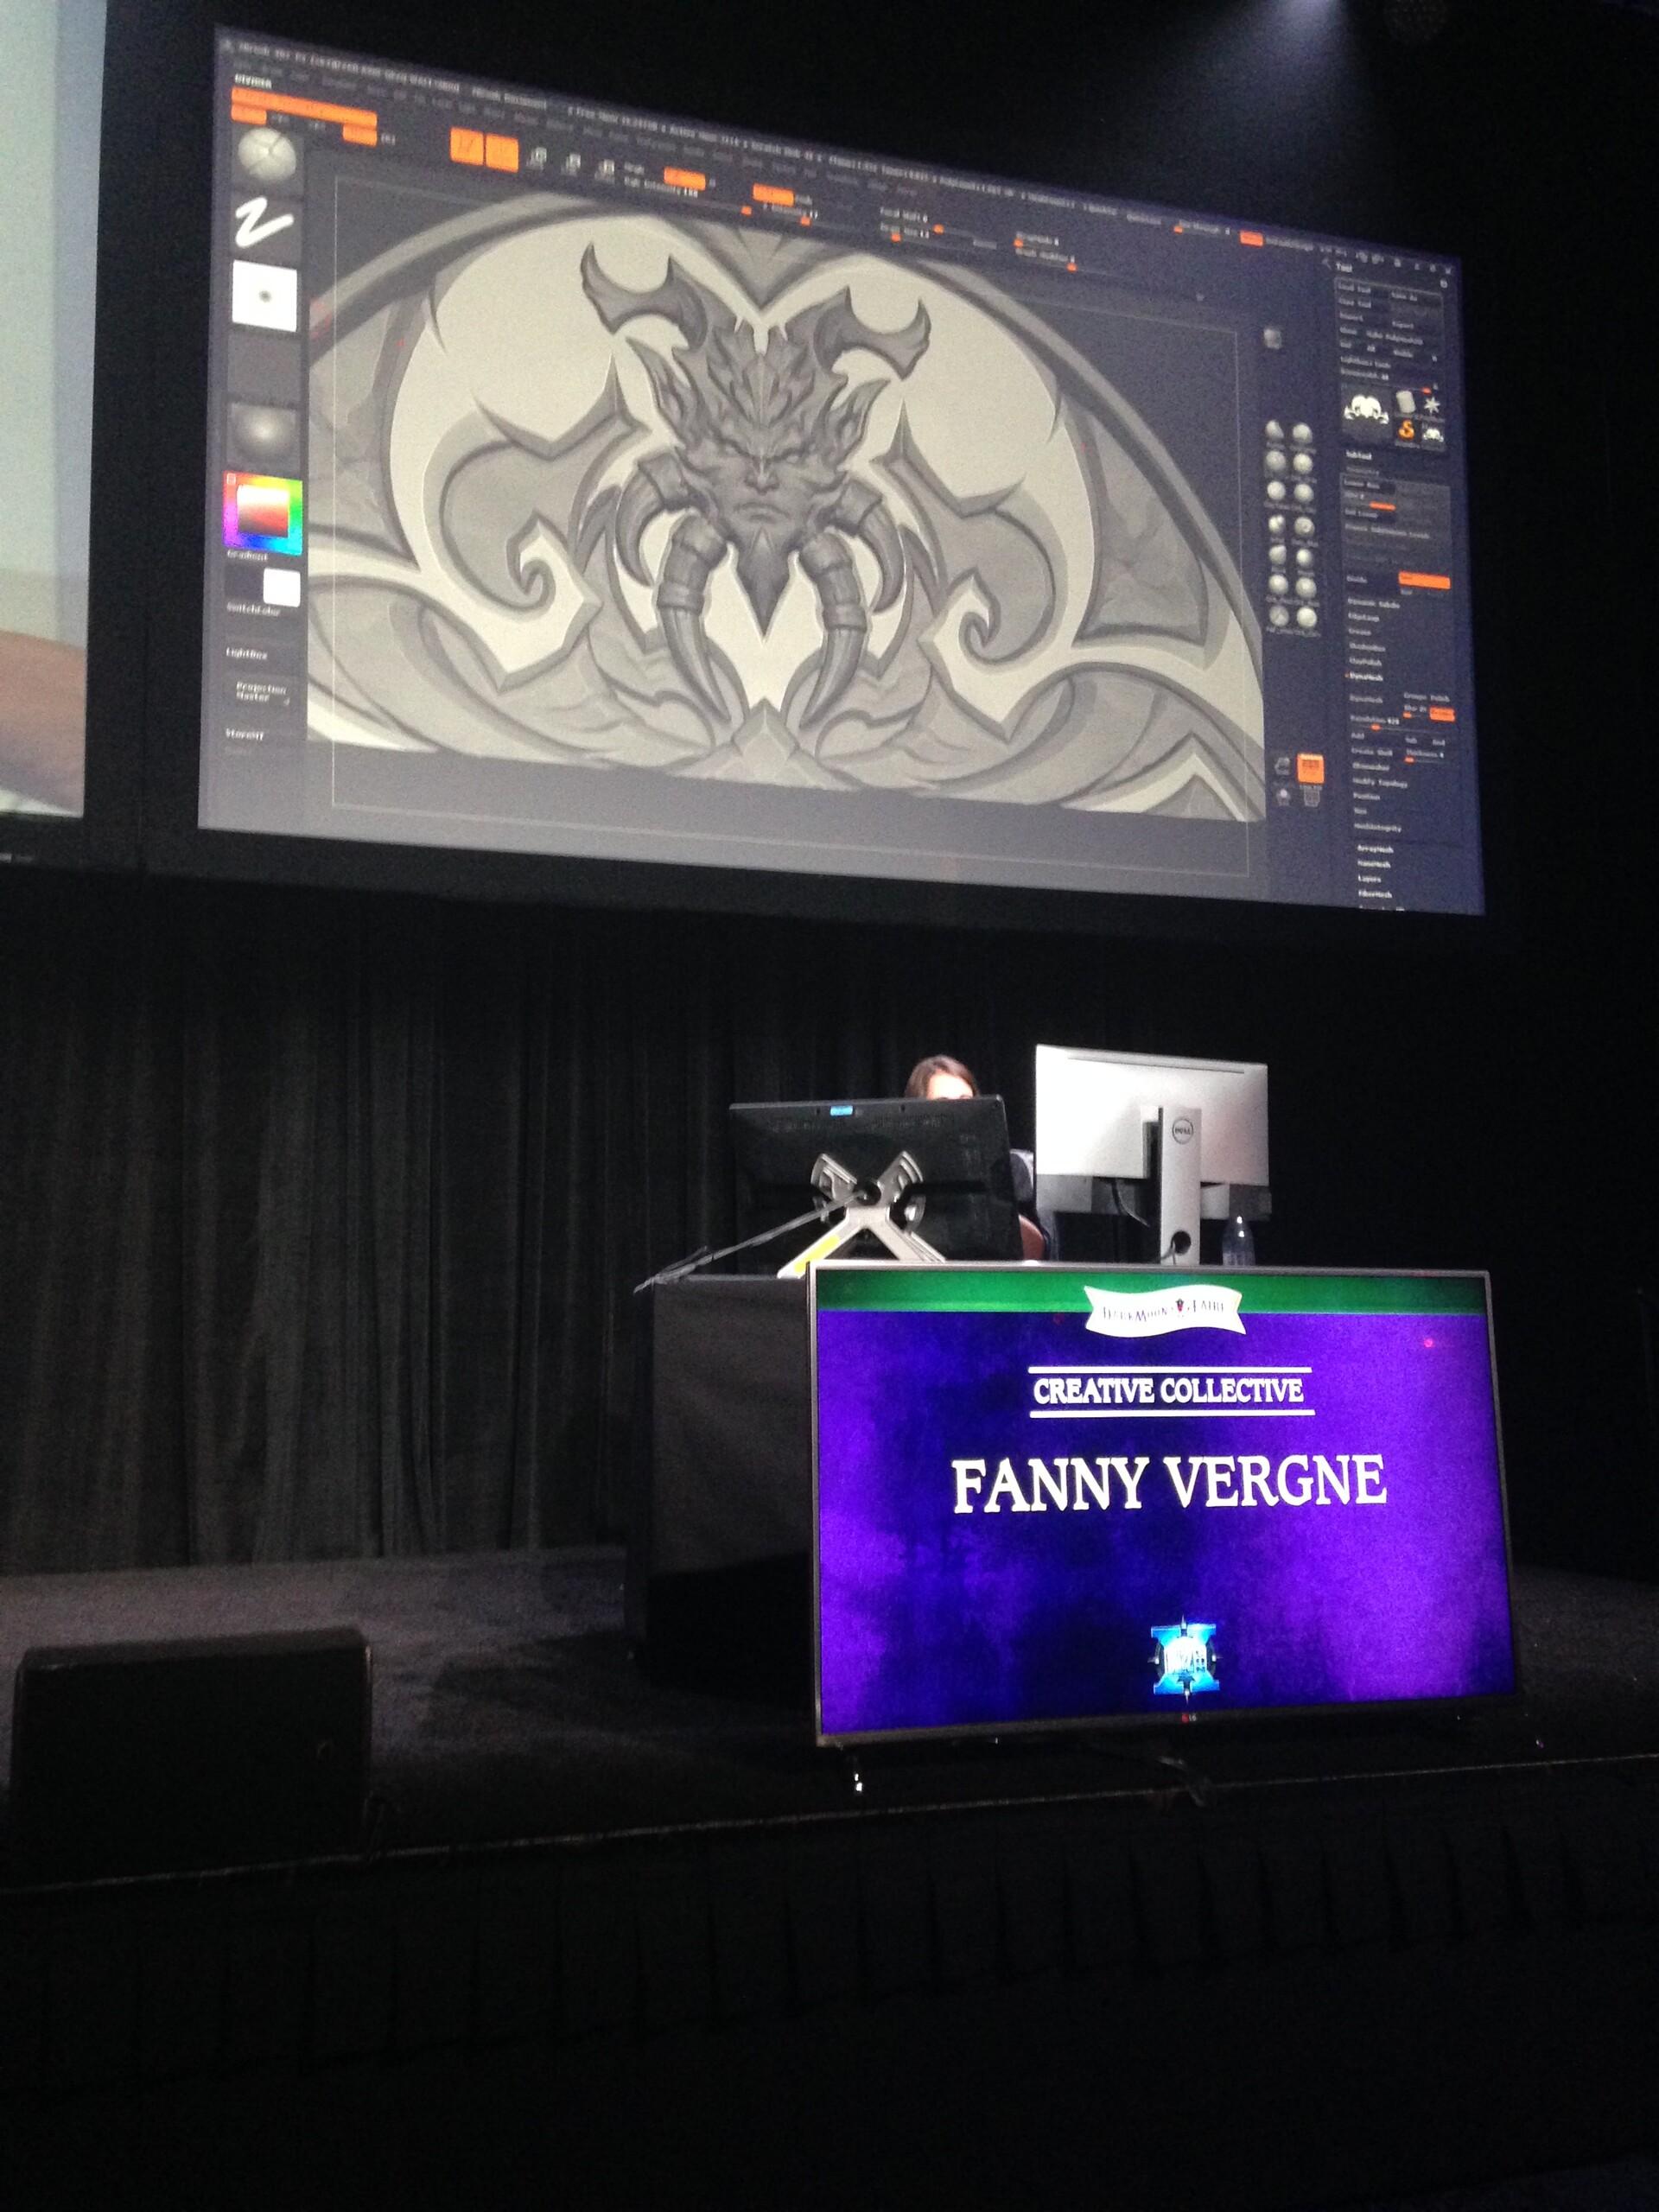 Fanny vergne img 2300